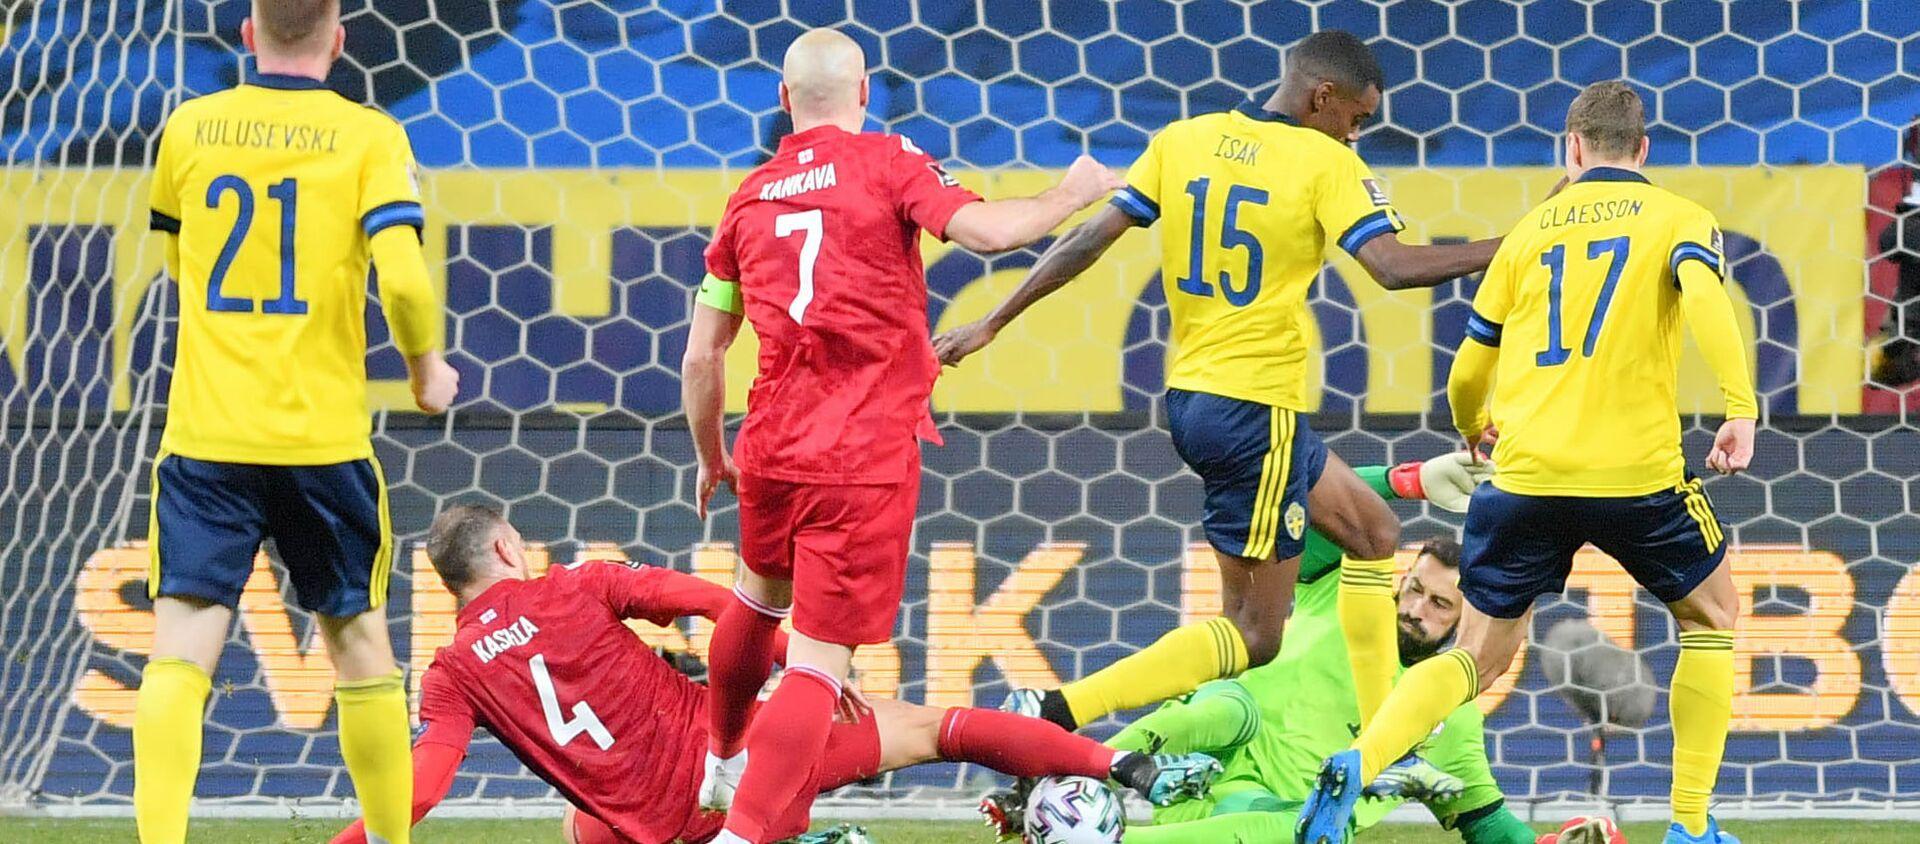 Сборная Грузии и Швеции в первом отборочном матче ЧМ-2022 - Sputnik Грузия, 1920, 01.04.2021